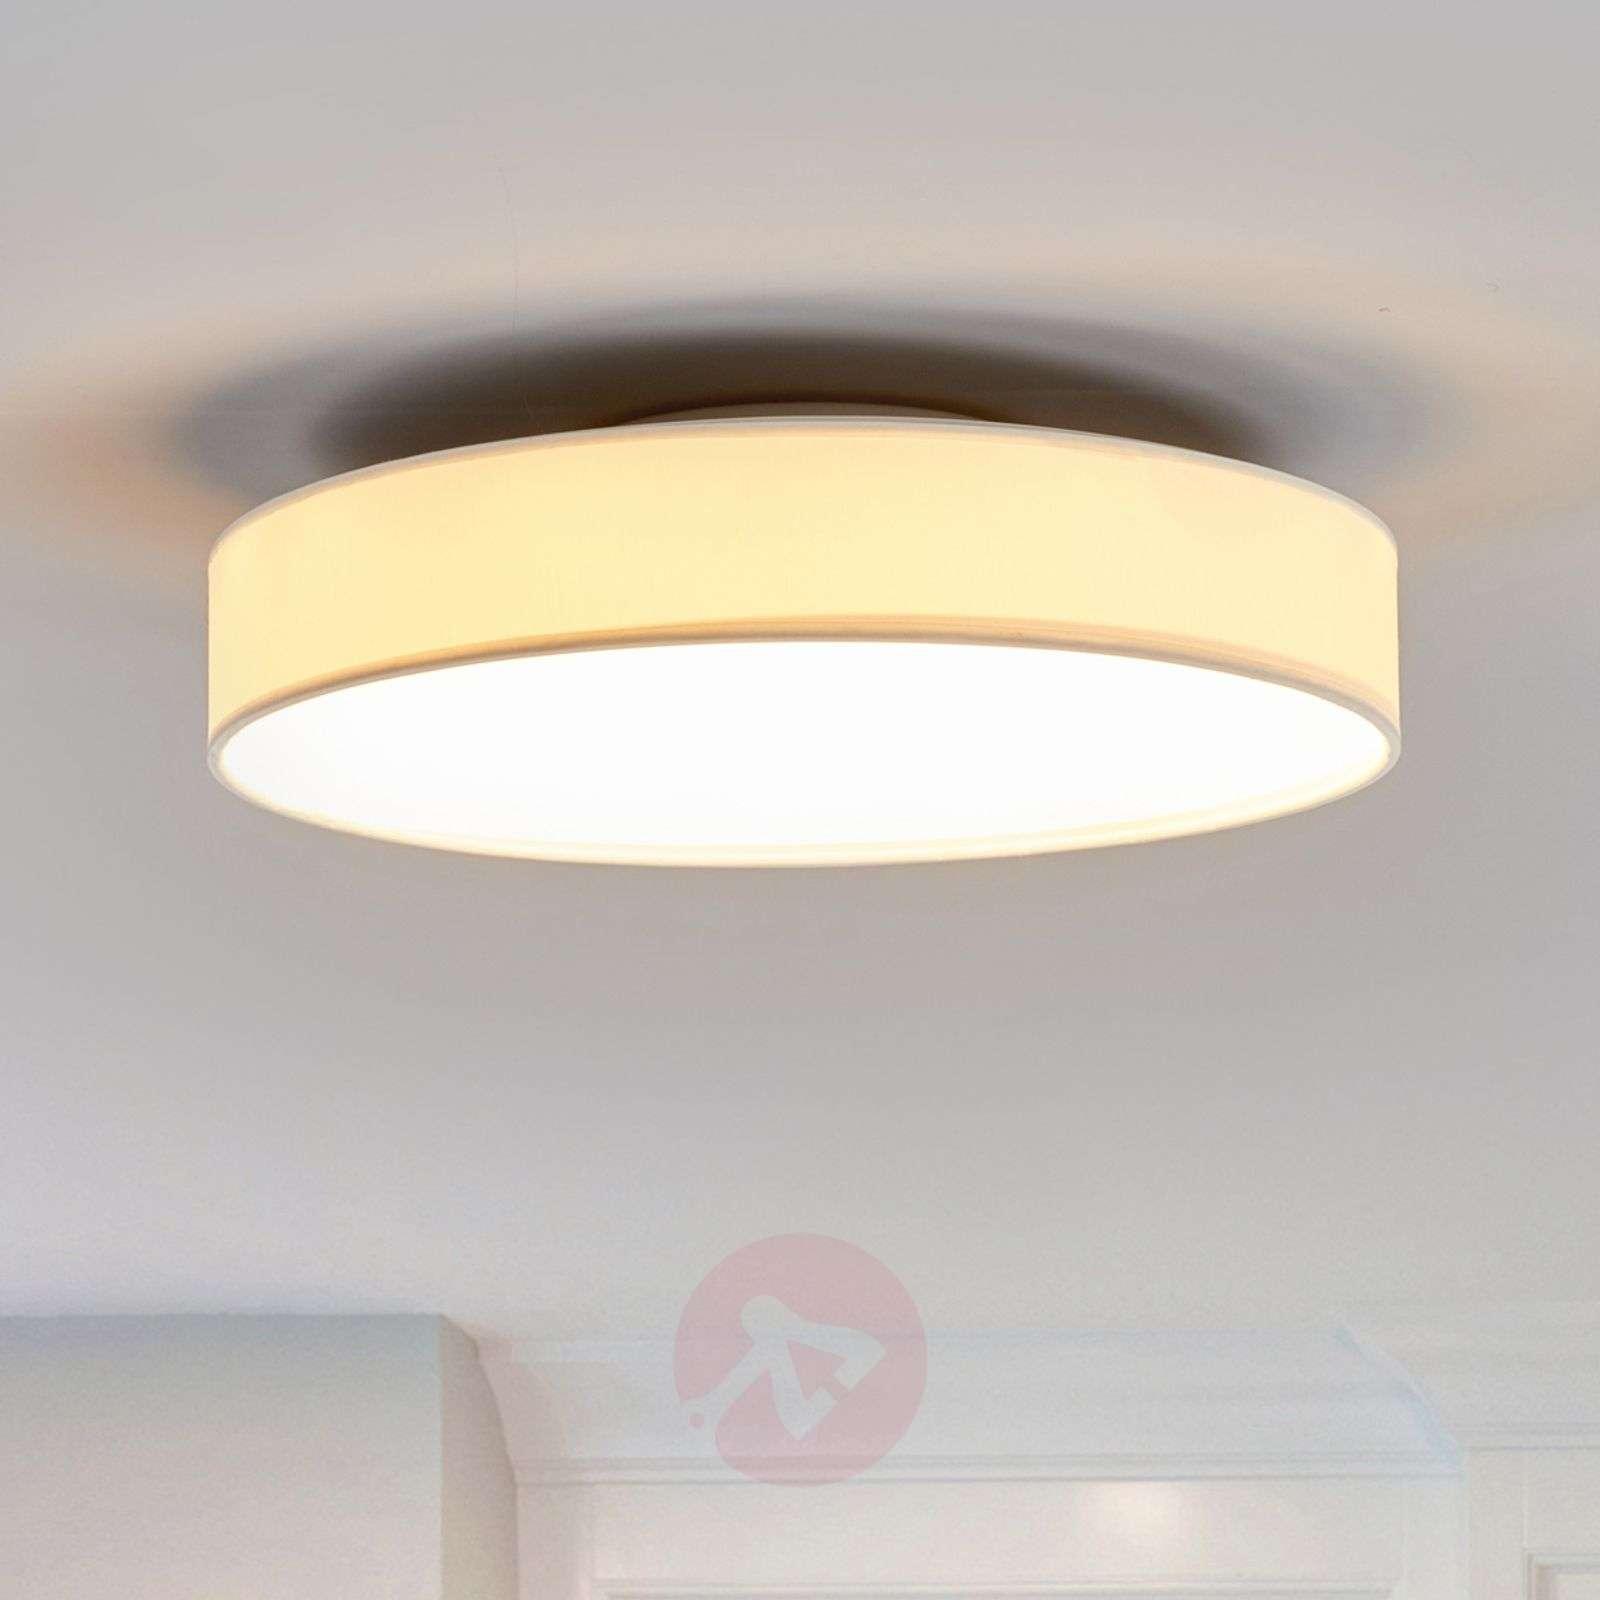 LED-kangaskattolamppu Saira, 40 cm, valkoinen